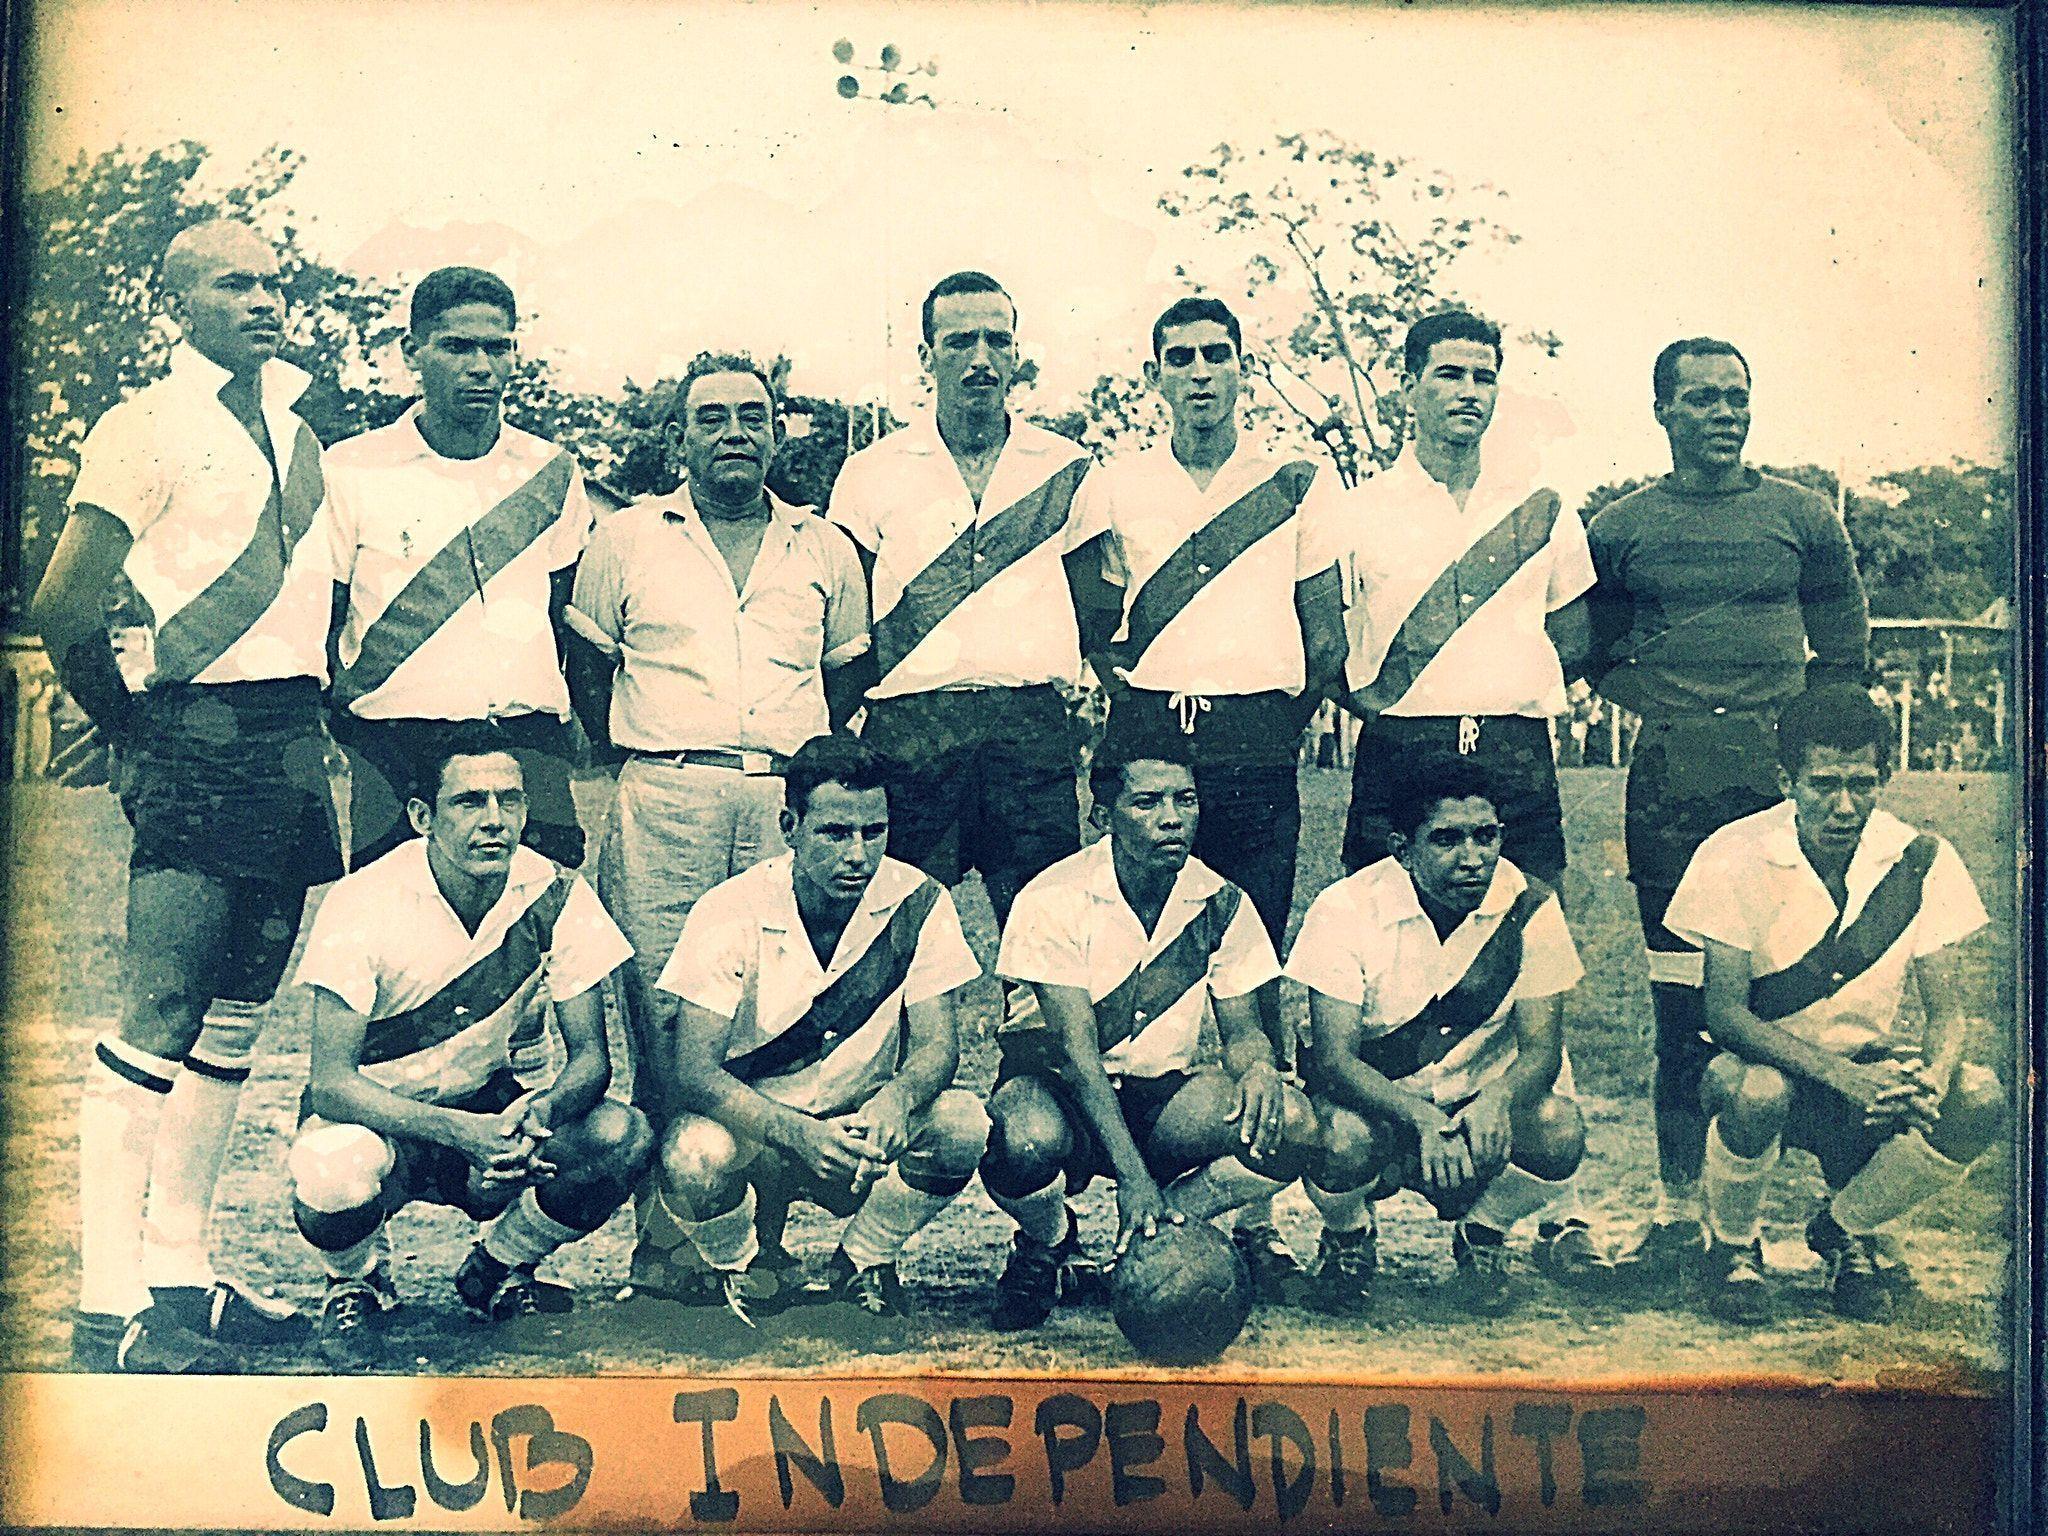 Club Independiente de san pedro sula (1958)  #Honduras #sanpedrosula Club Independiente de san pedro sula (1958)  #Honduras #sanpedrosula Club Independiente de san pedro sula (1958)  #Honduras #sanpedrosula Club Independiente de san pedro sula (1958)  #Honduras #sanpedrosula Club Independiente de san pedro sula (1958)  #Honduras #sanpedrosula Club Independiente de san pedro sula (1958)  #Honduras #sanpedrosula Club Independiente de san pedro sula (1958)  #Honduras #sanpedrosula Club Independient #sanpedrosula